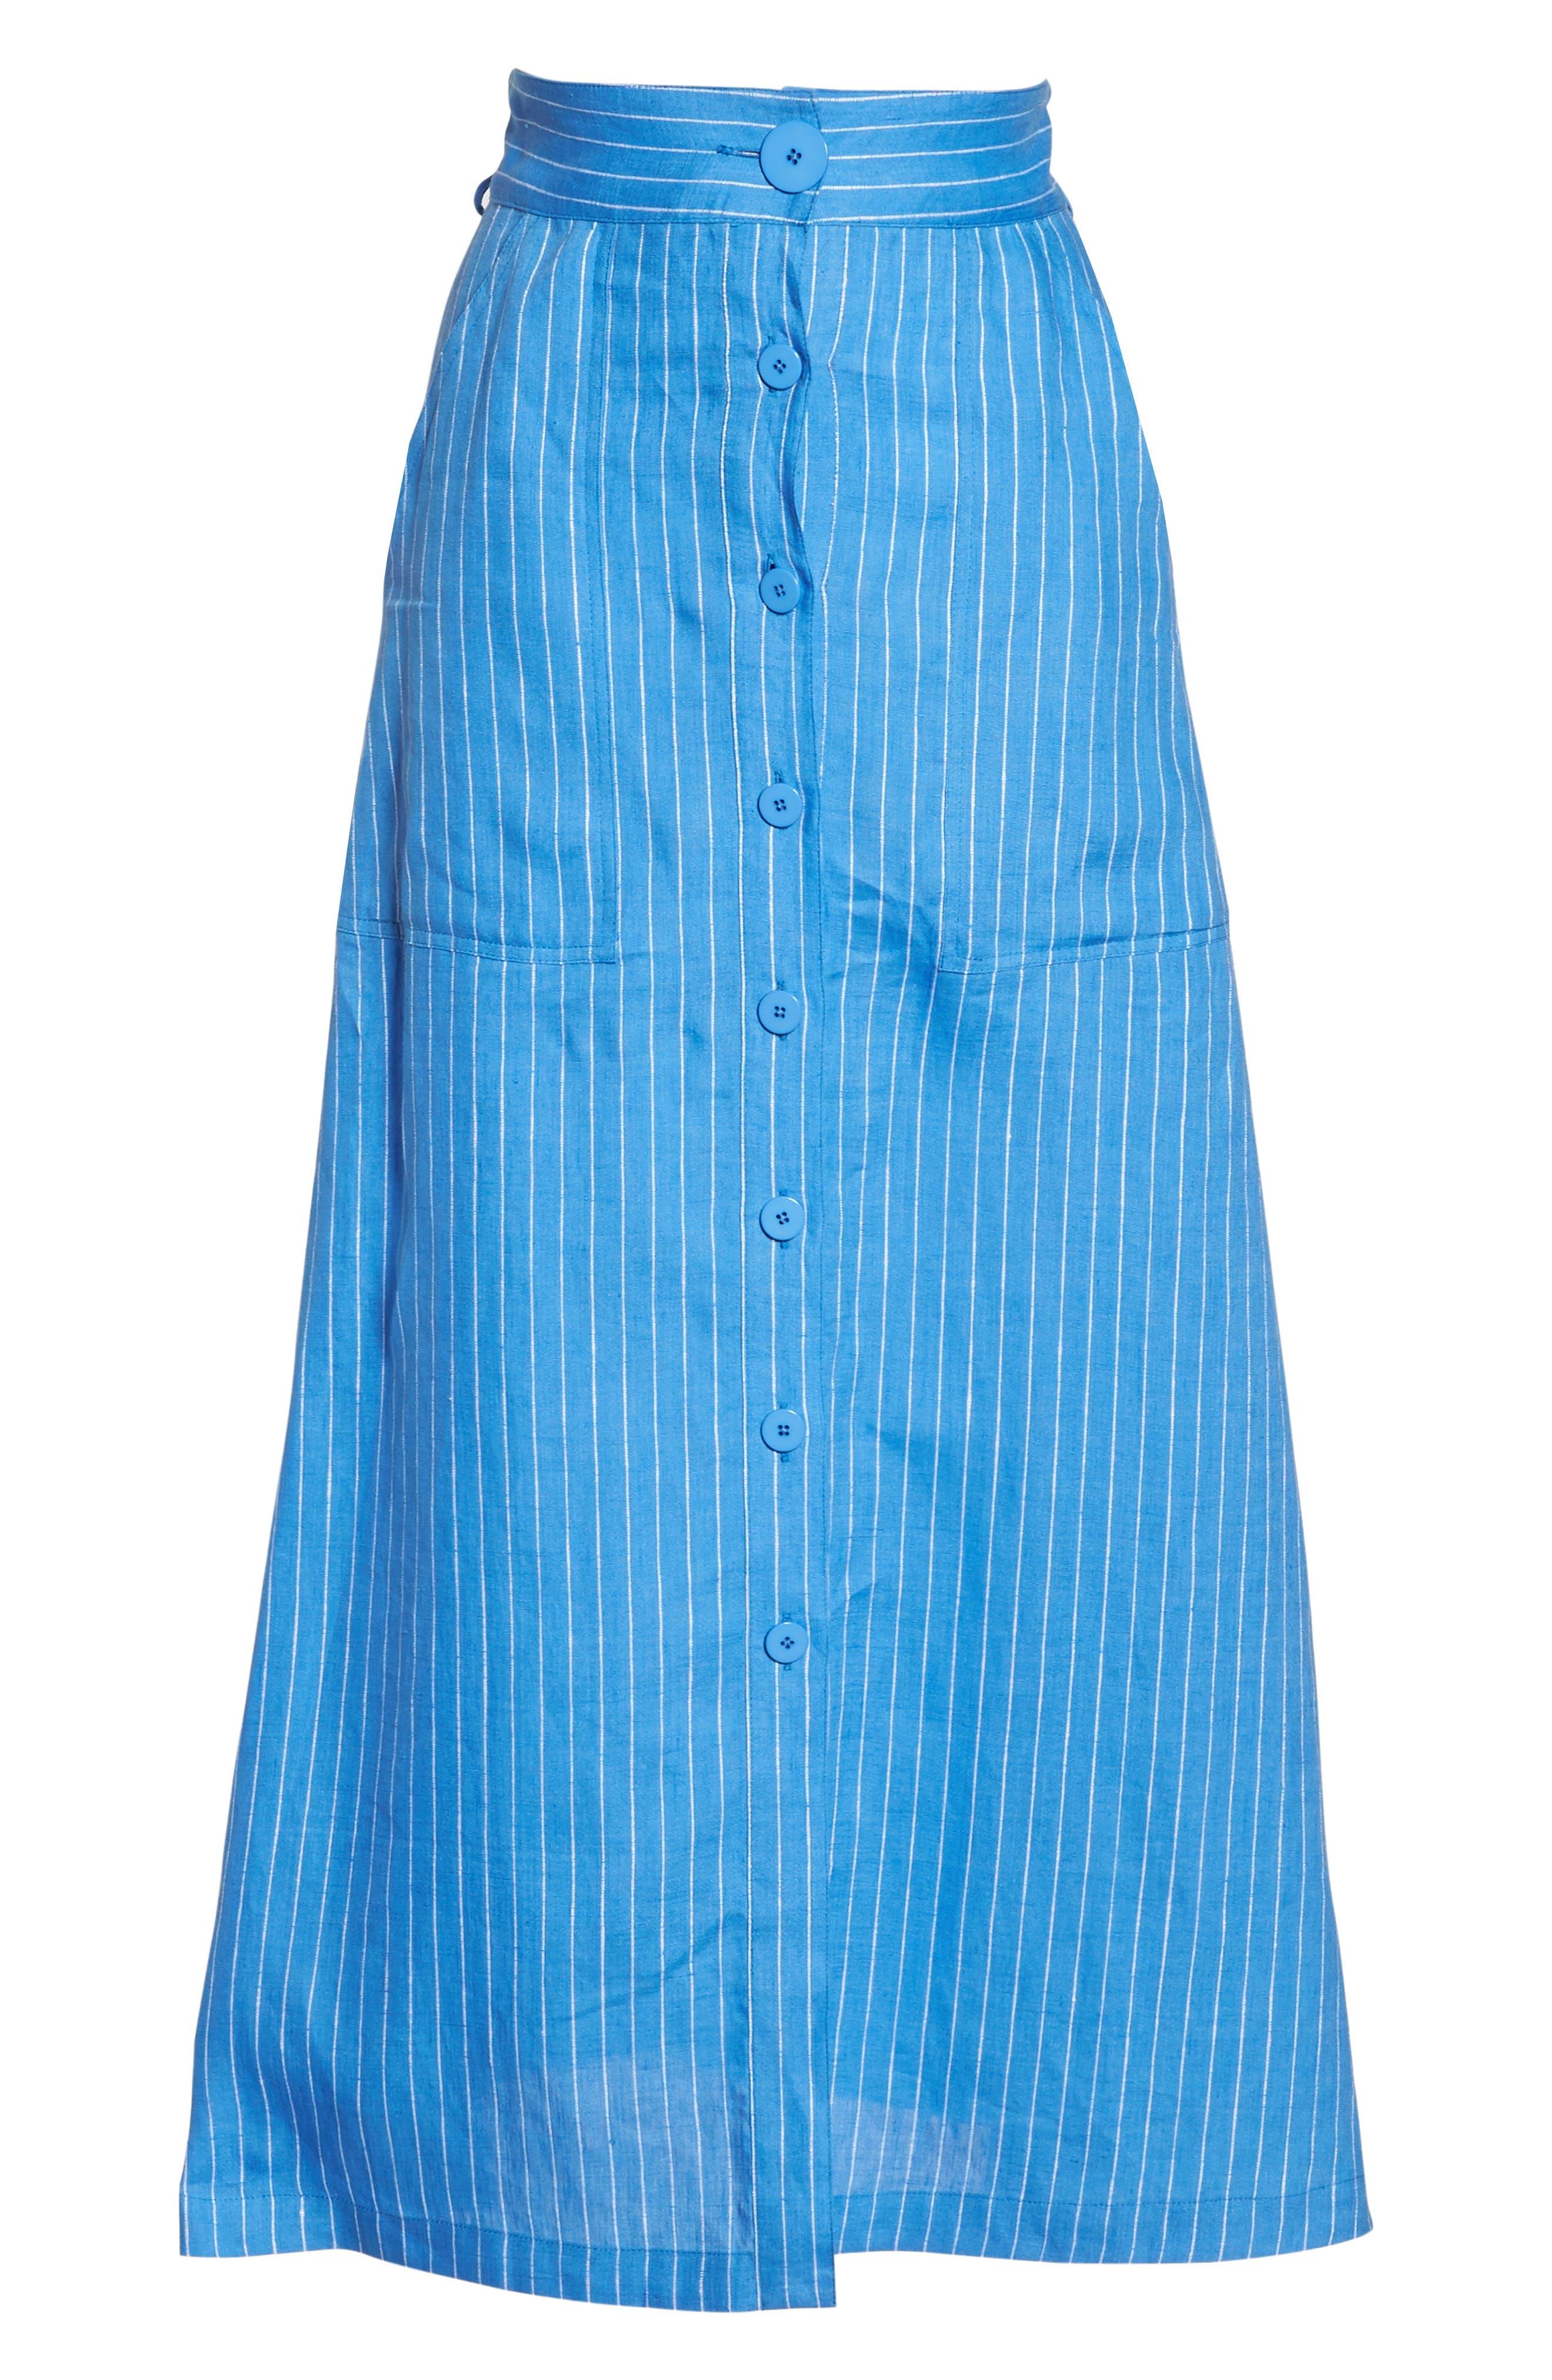 Cover-Up Skirt,                             Alternate thumbnail 6, color,                             400